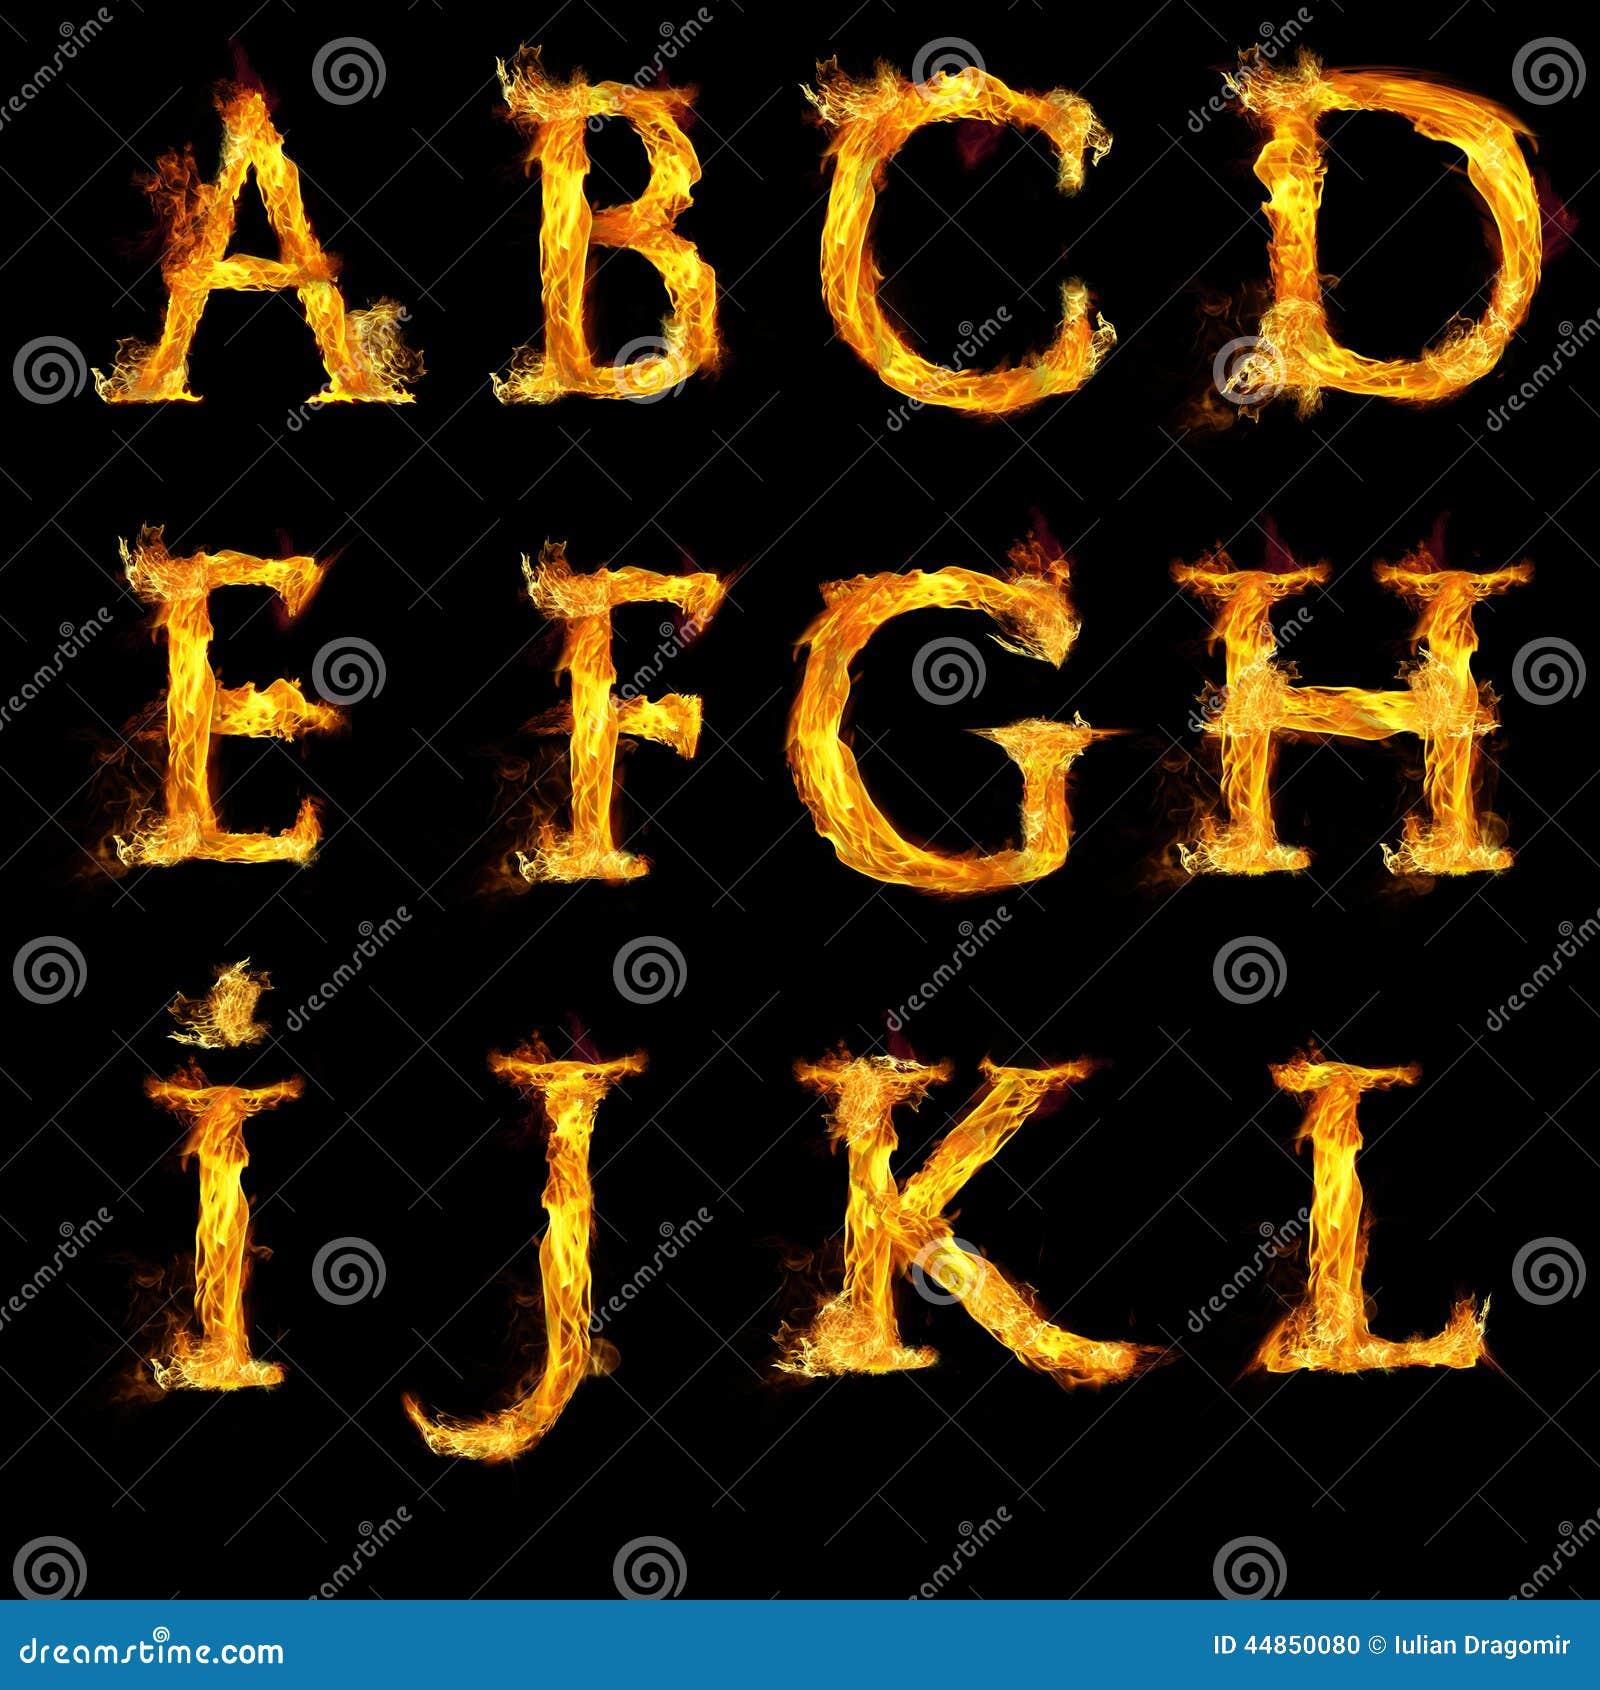 Sistema de letras en llamas